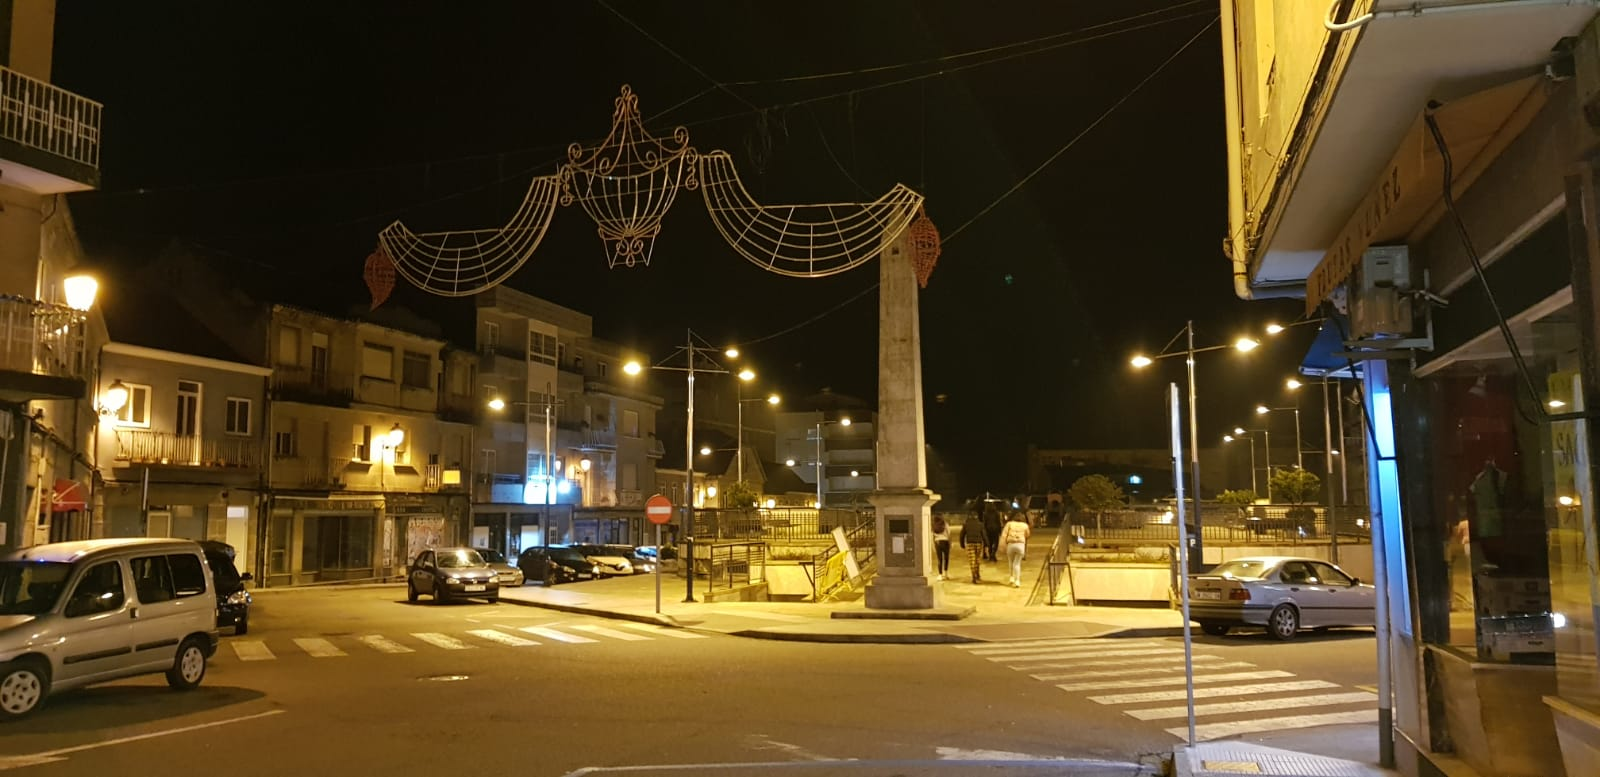 Represas Castiga Al Comercio Y A Los Vecinos De Ponteareas Cancelando Por Segunda Vez Consecutiva El Encendido Navideño